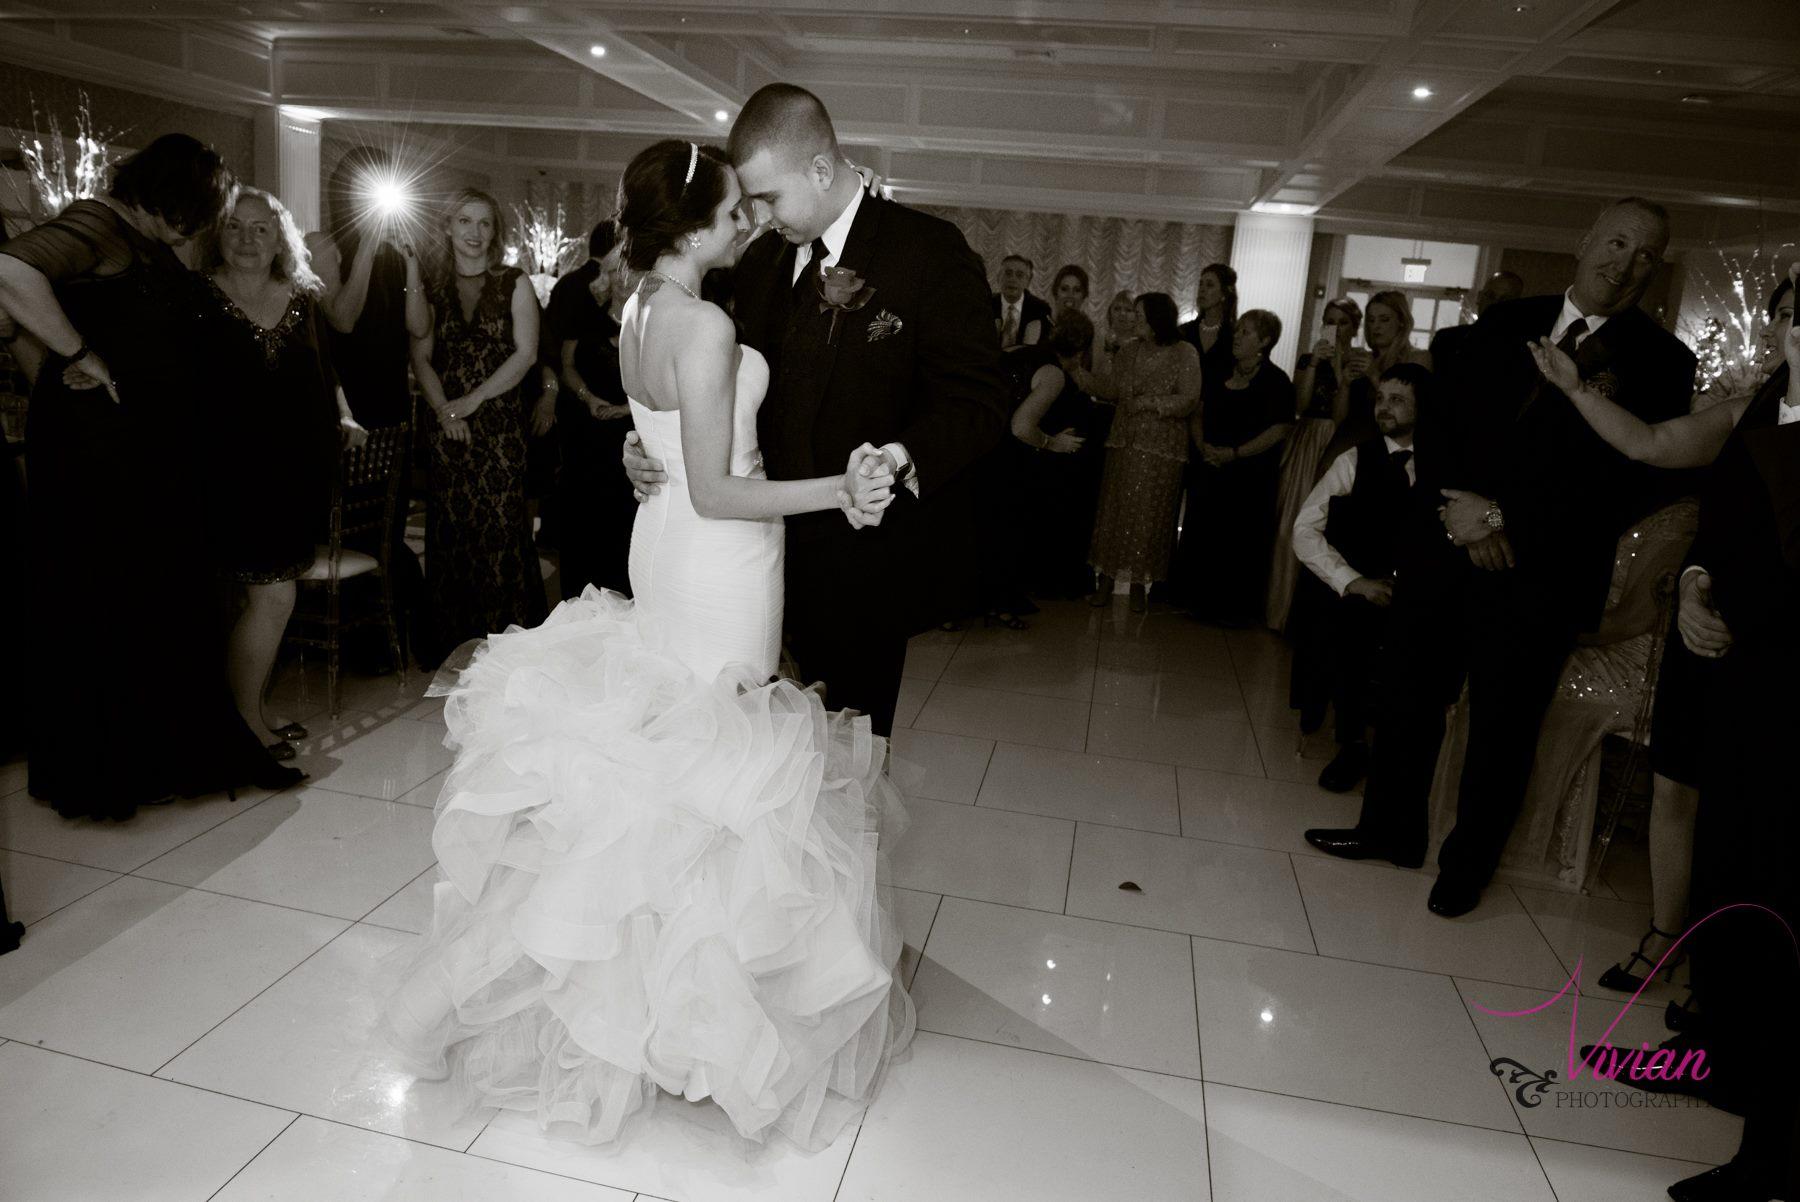 bride-dancing-with-groom.jpg